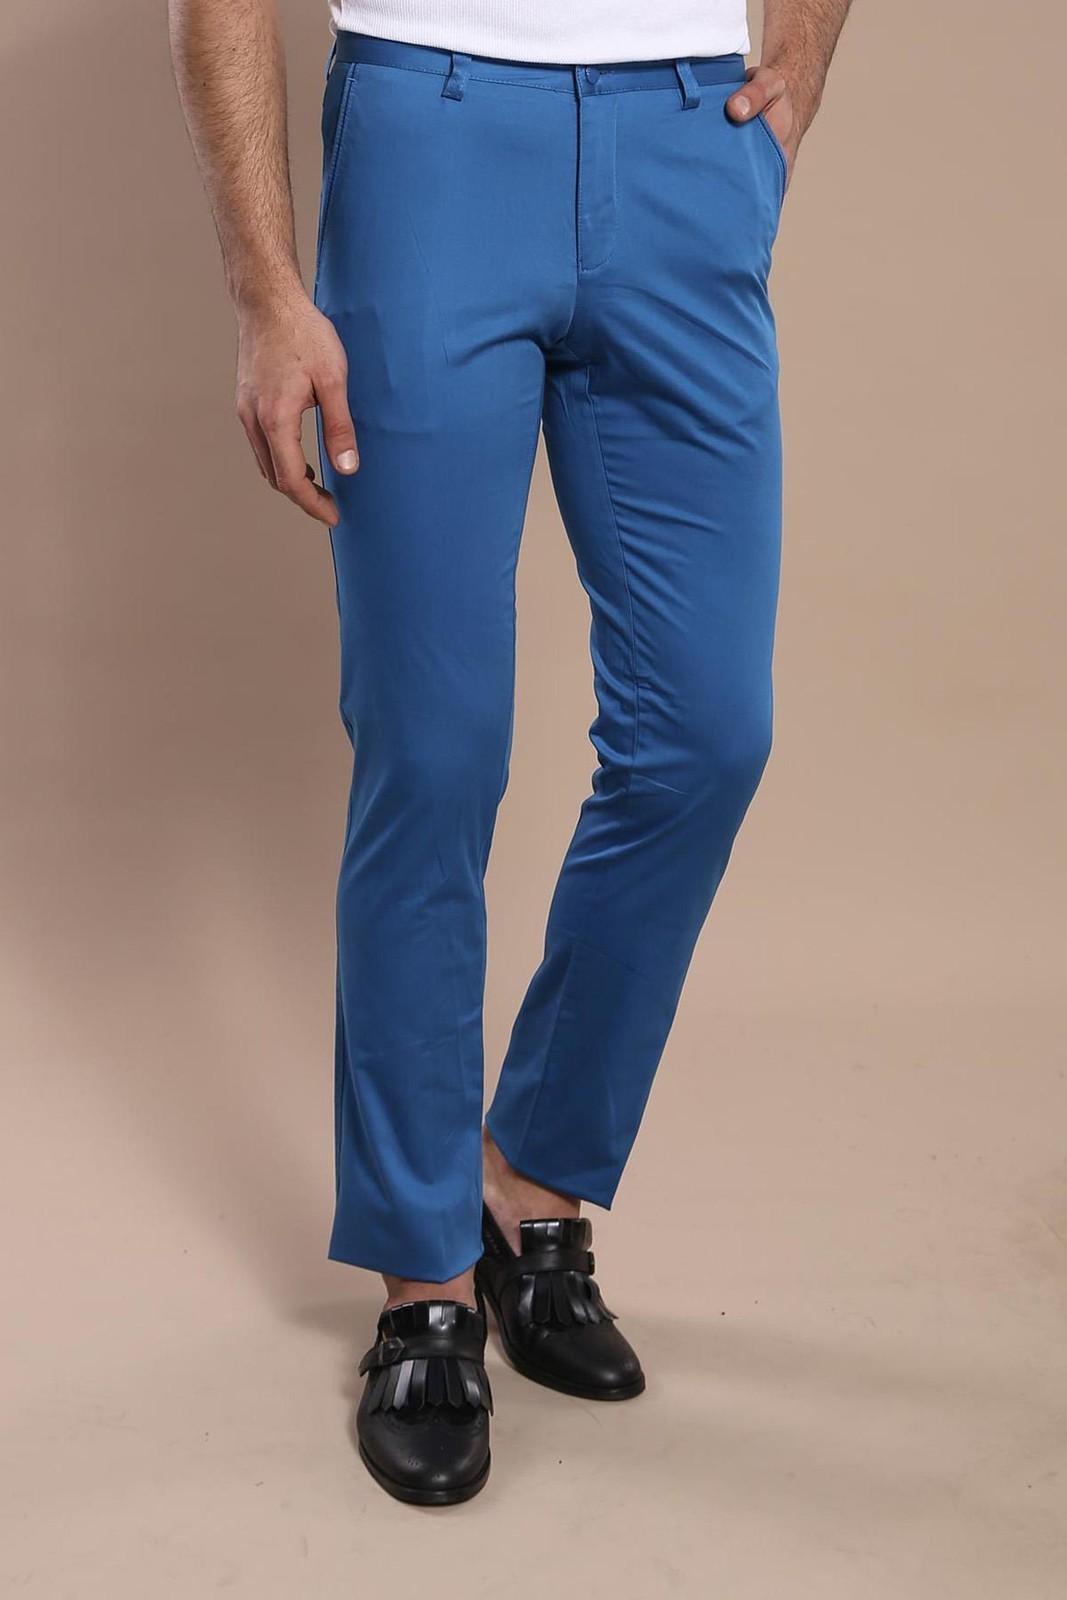 Men's Pocket Blue Cotton Slim Fit Pants